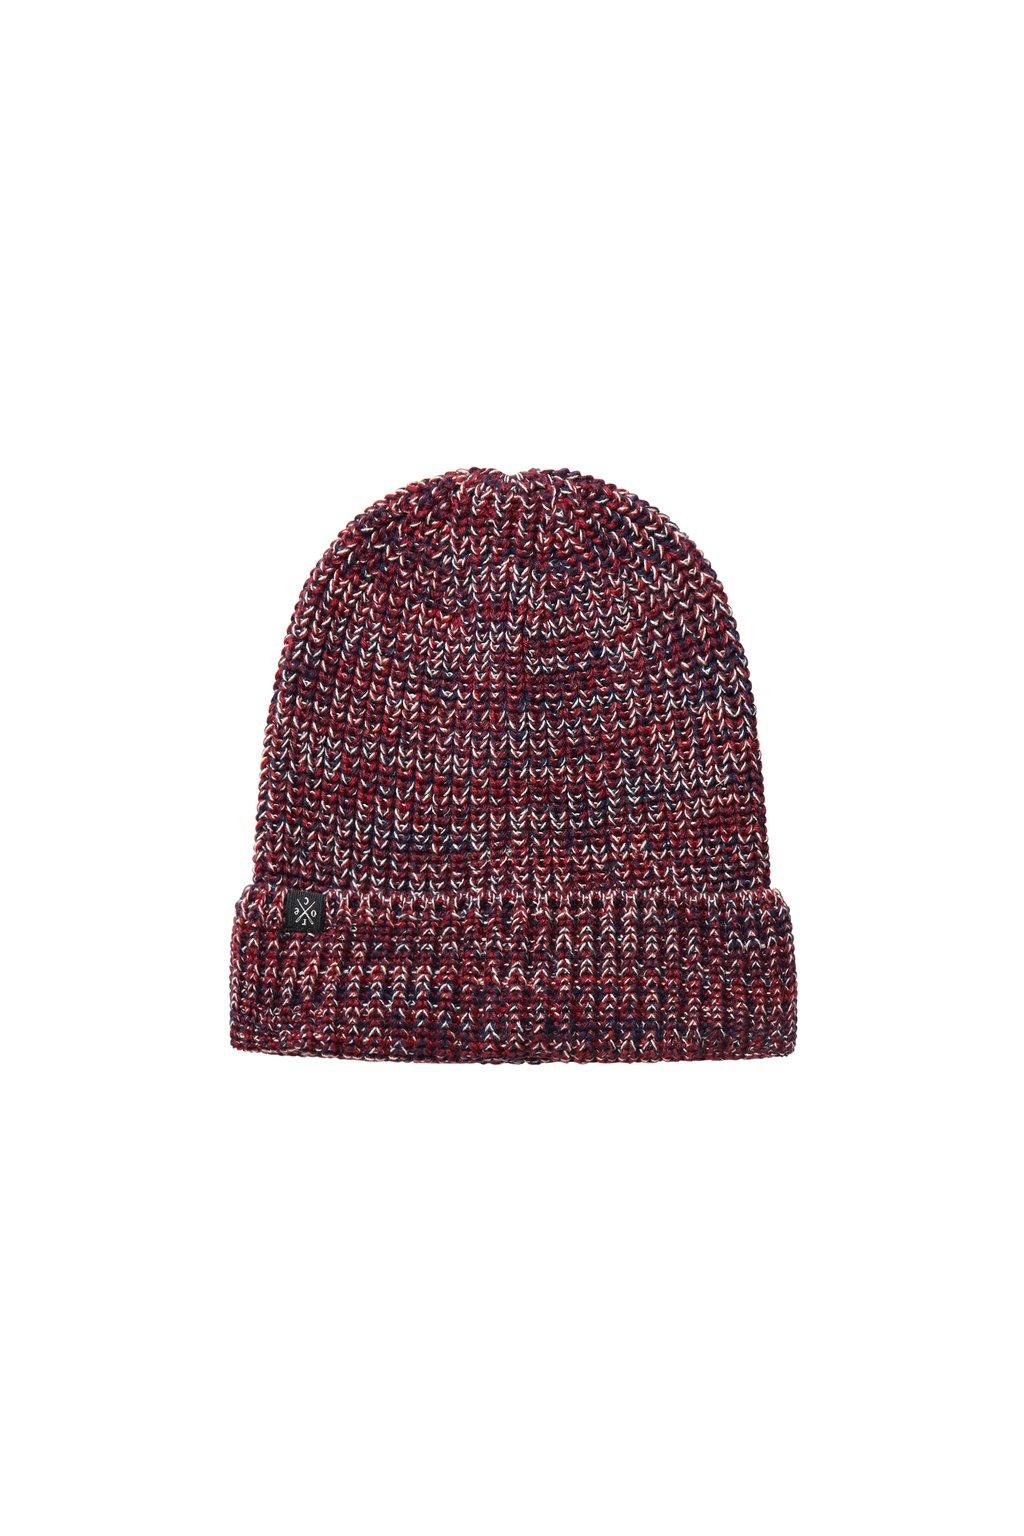 Pletená čapica - červená/tmavomodrá/krémová